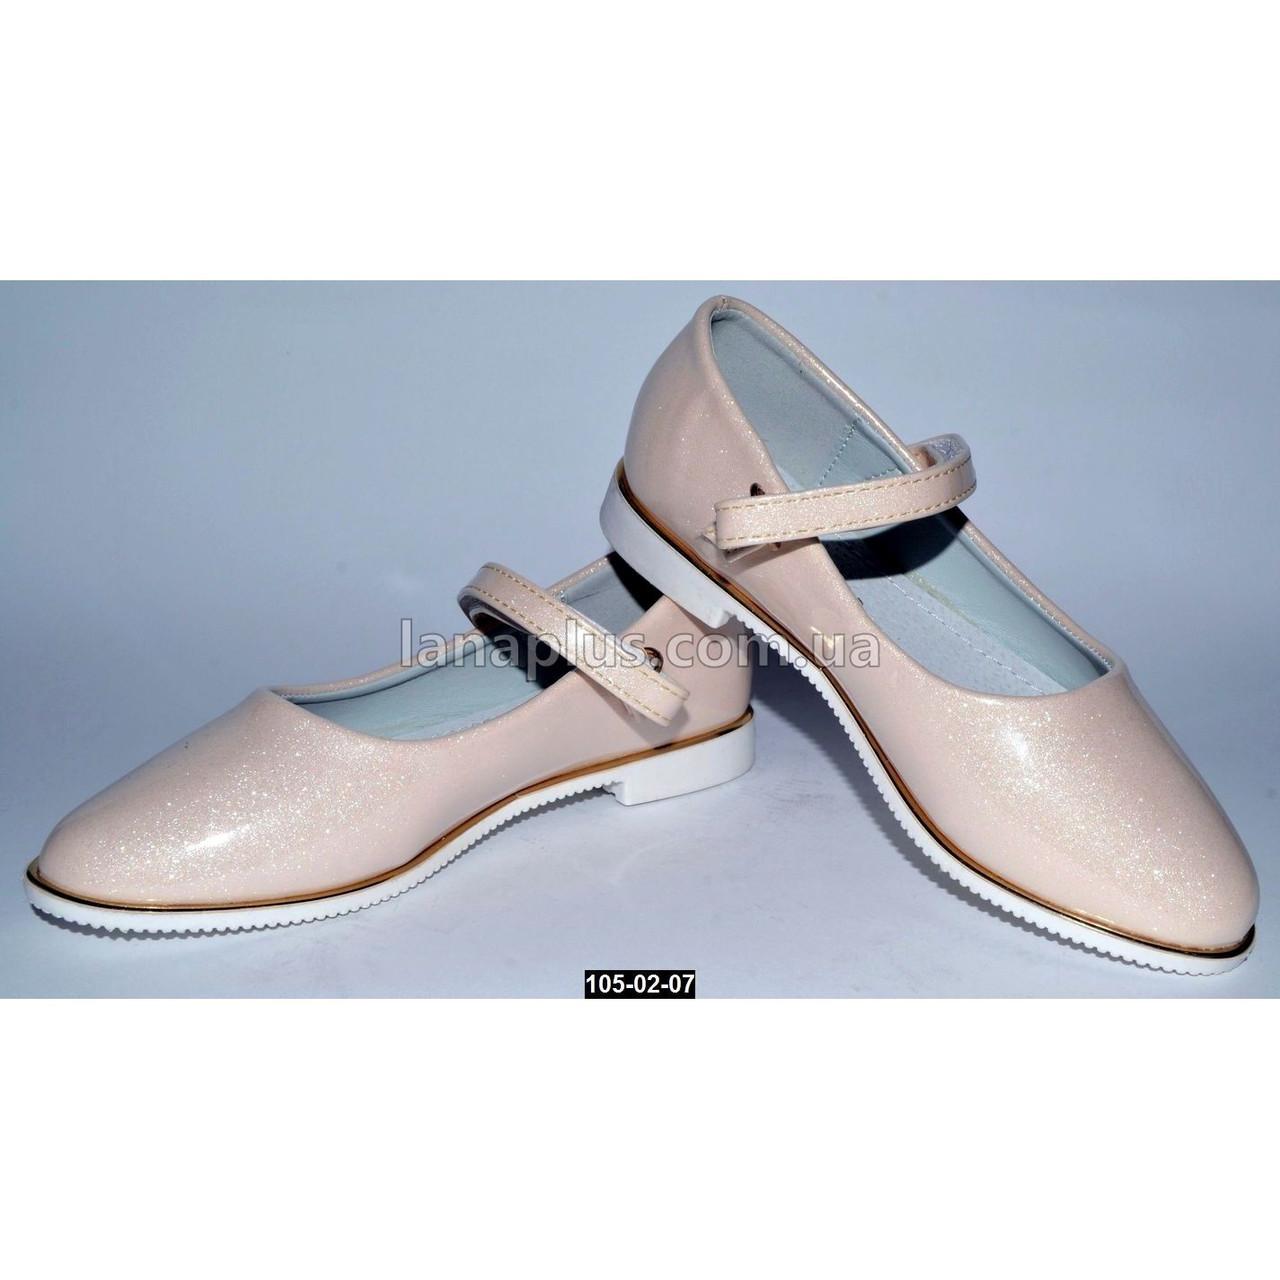 Нарядные туфли для девочки, 26-31 размер, кожаная стелька, супинатор